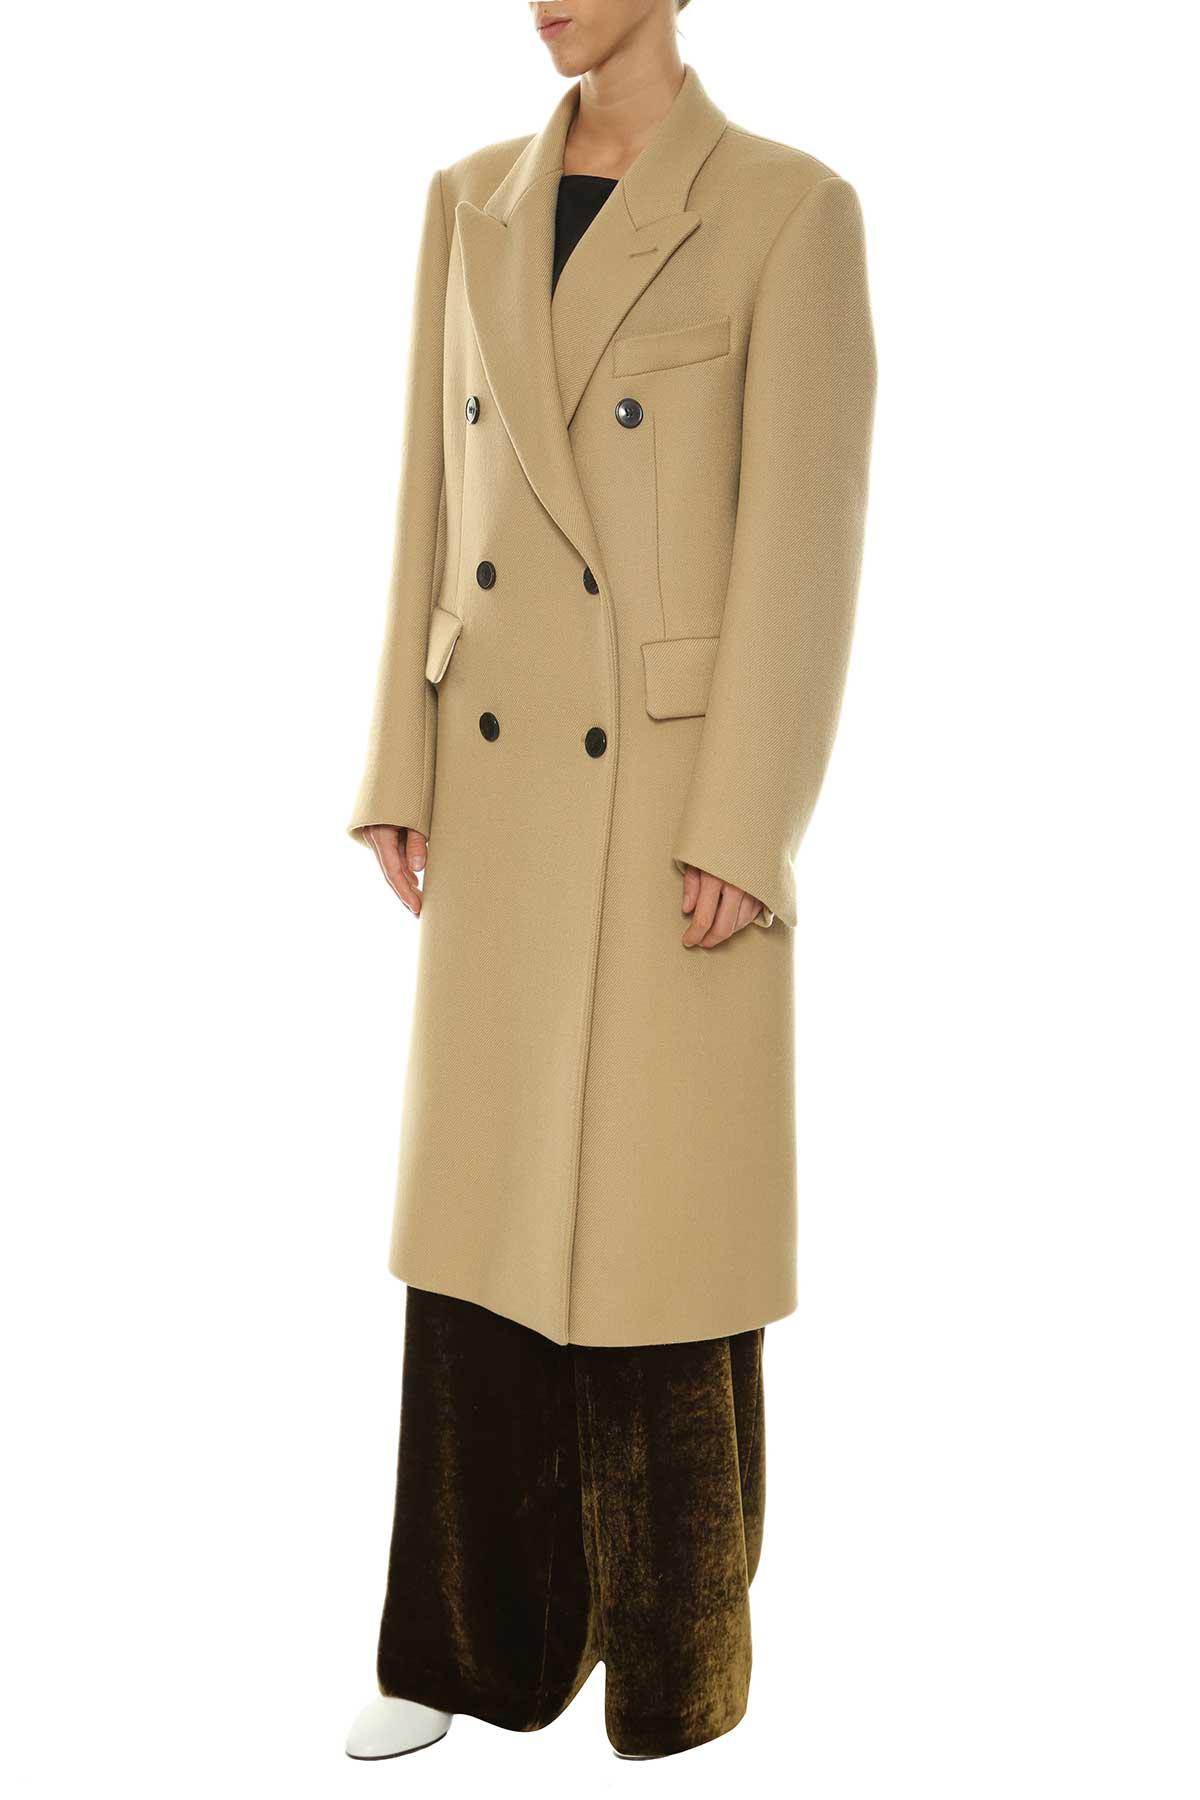 Dries Van Noten Dries Van Noten Double Breasted Coat